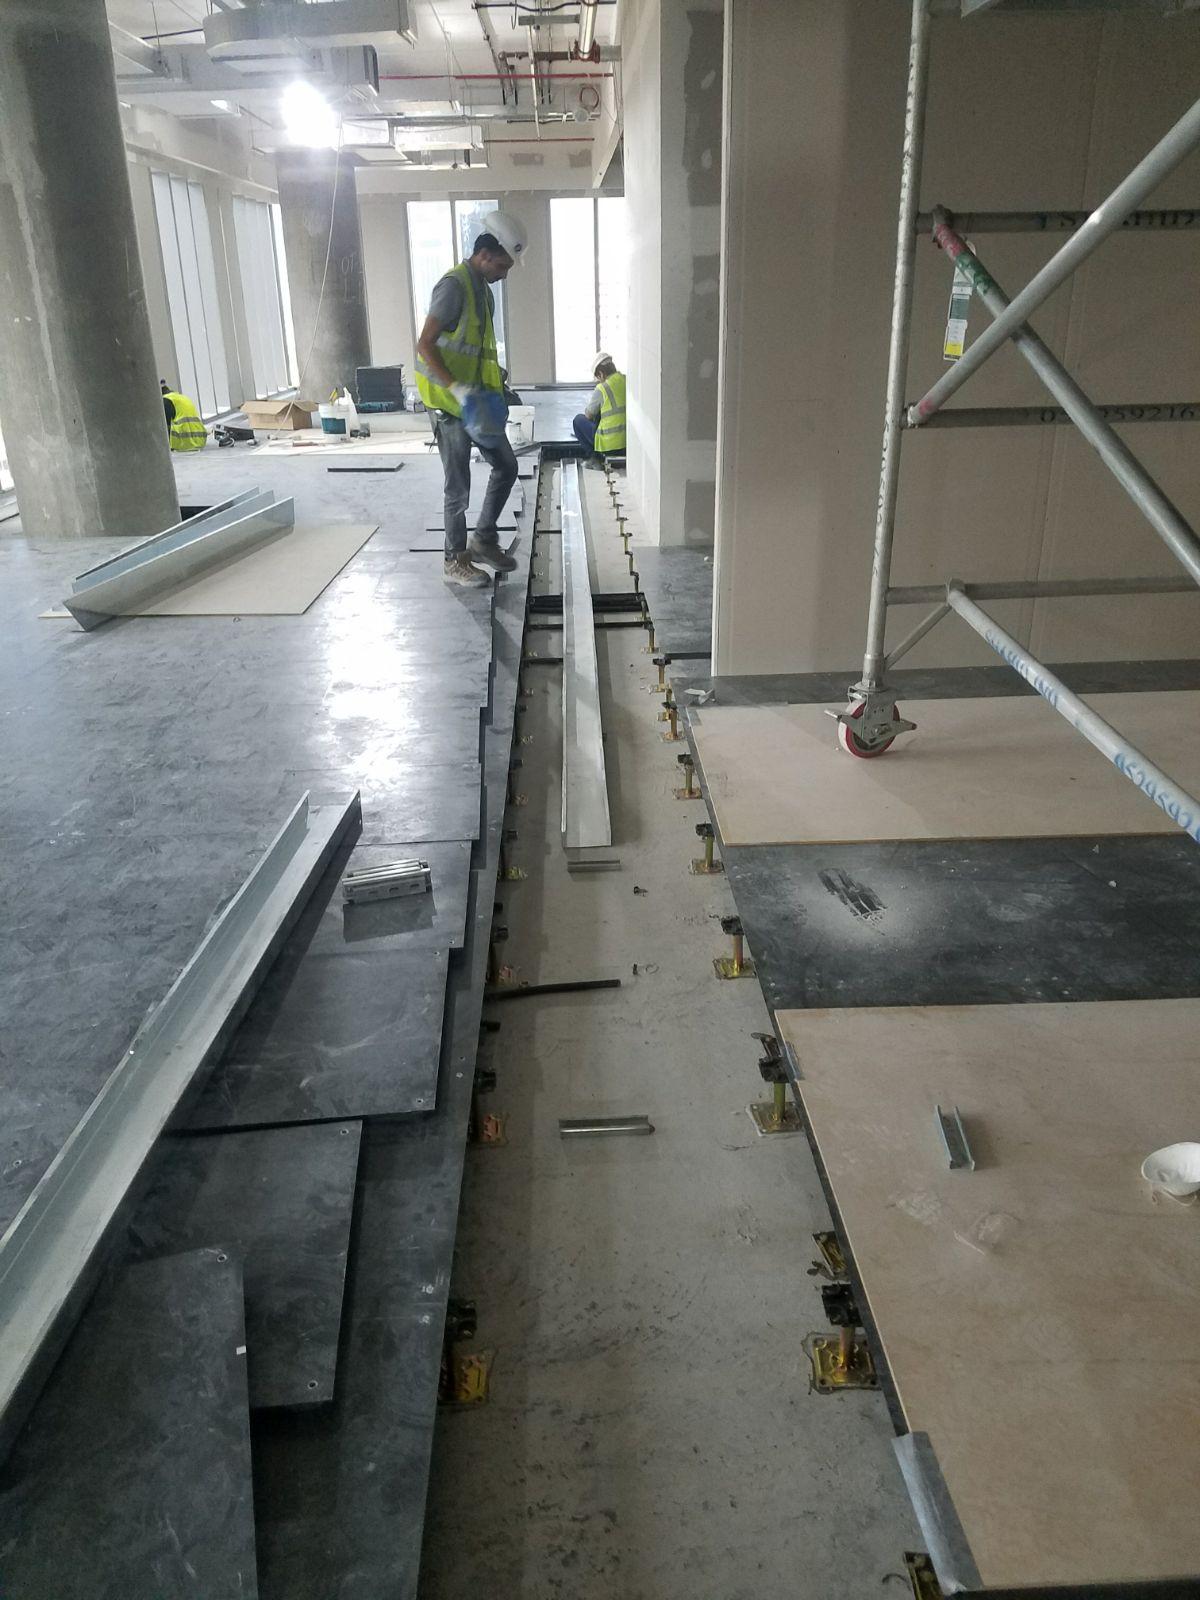 Marriott Office Dubai Devar Raised Access Floor Installation 2